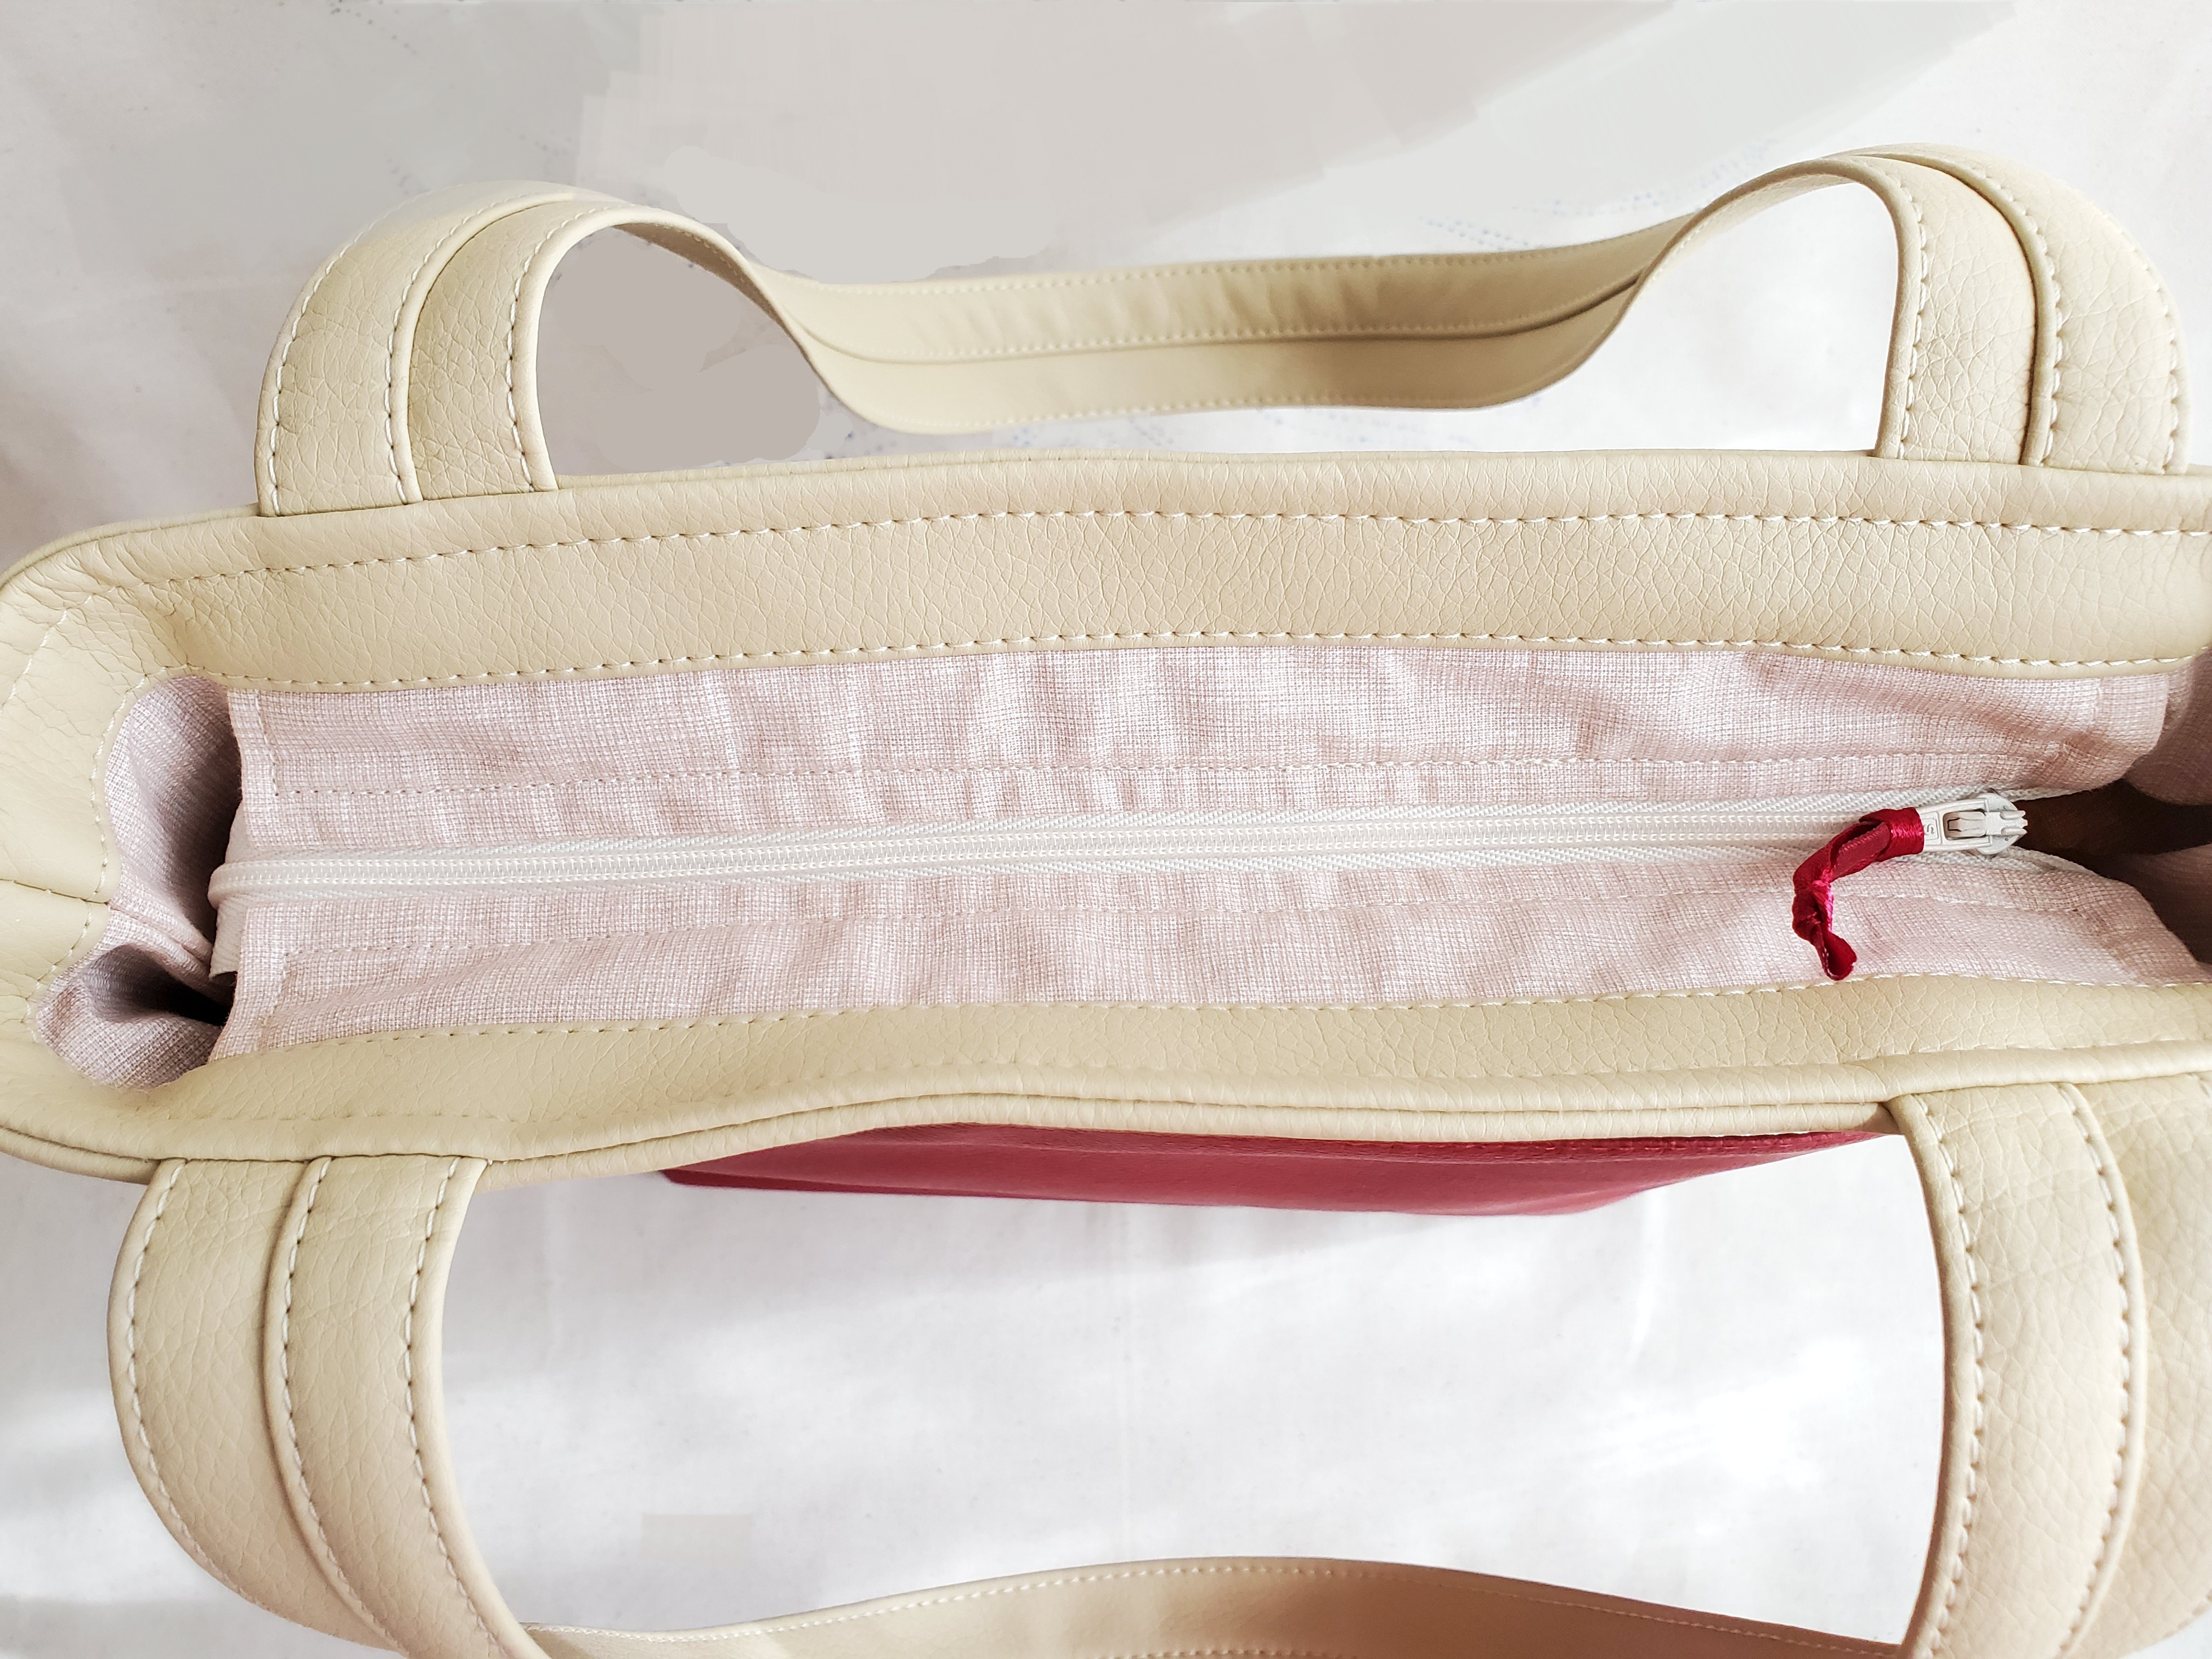 ザクロ柄のトートバッグ